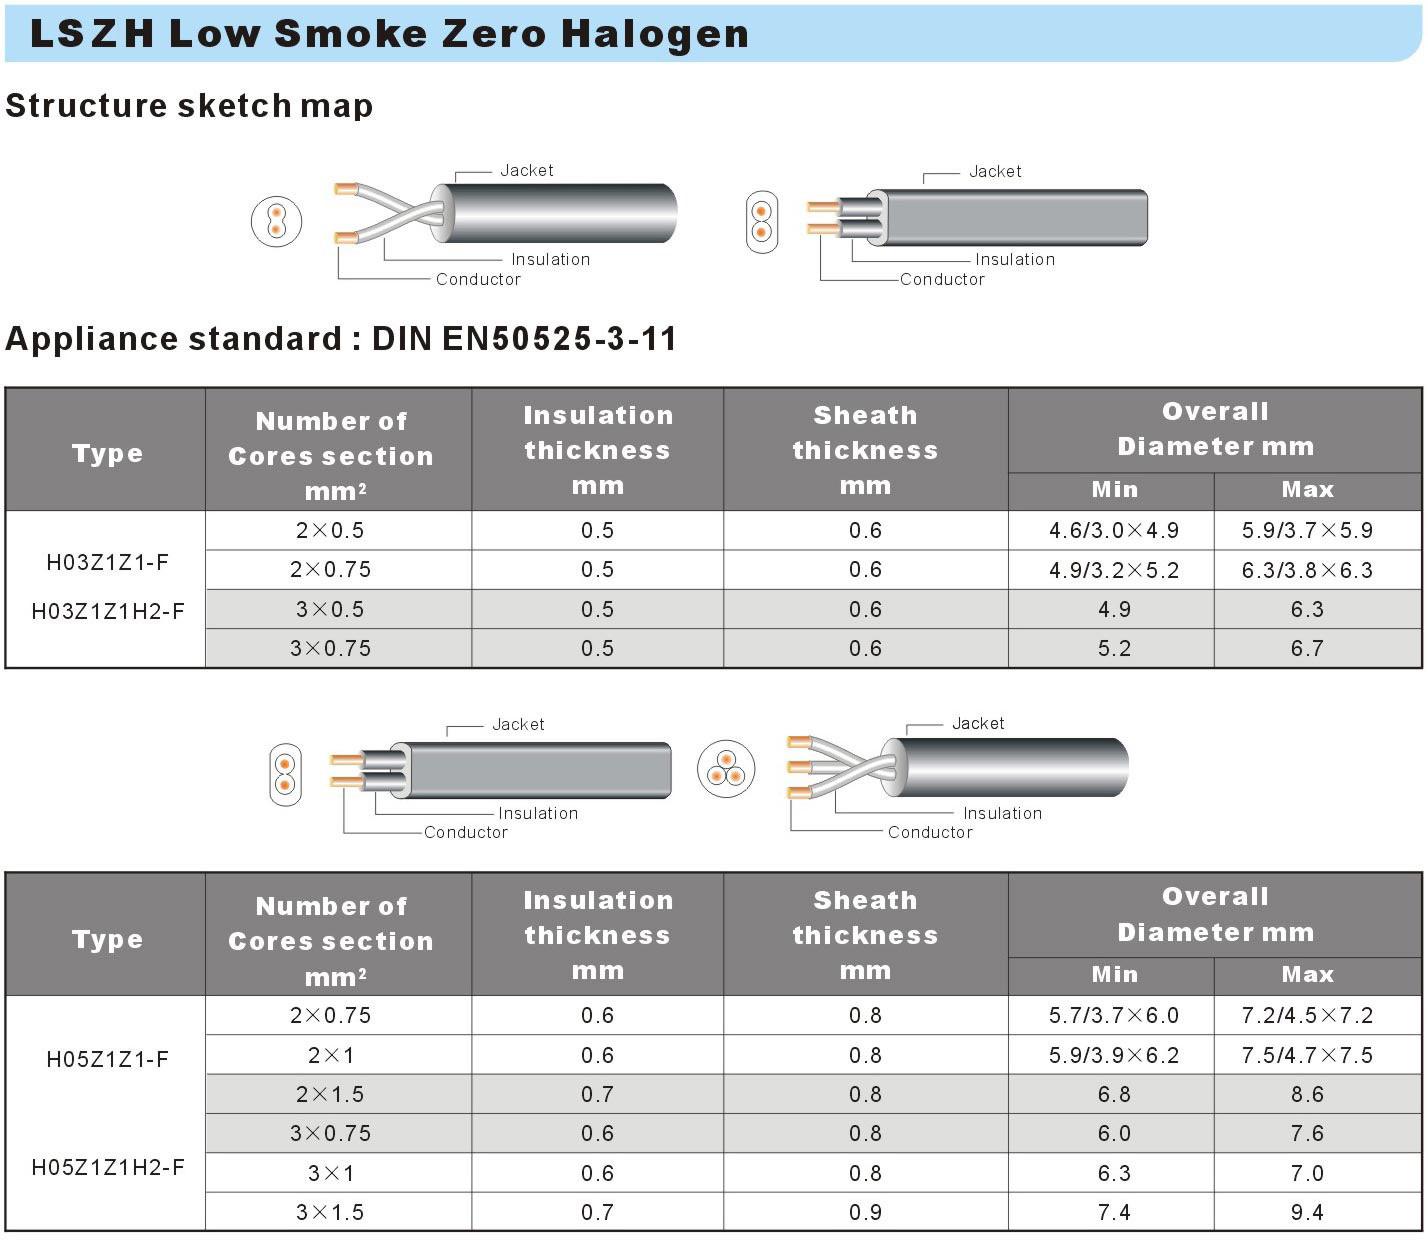 LSZH Low Smoke Zero Halogen Free H03Z1Z1-F, H05Z1Z1-F Datesheet